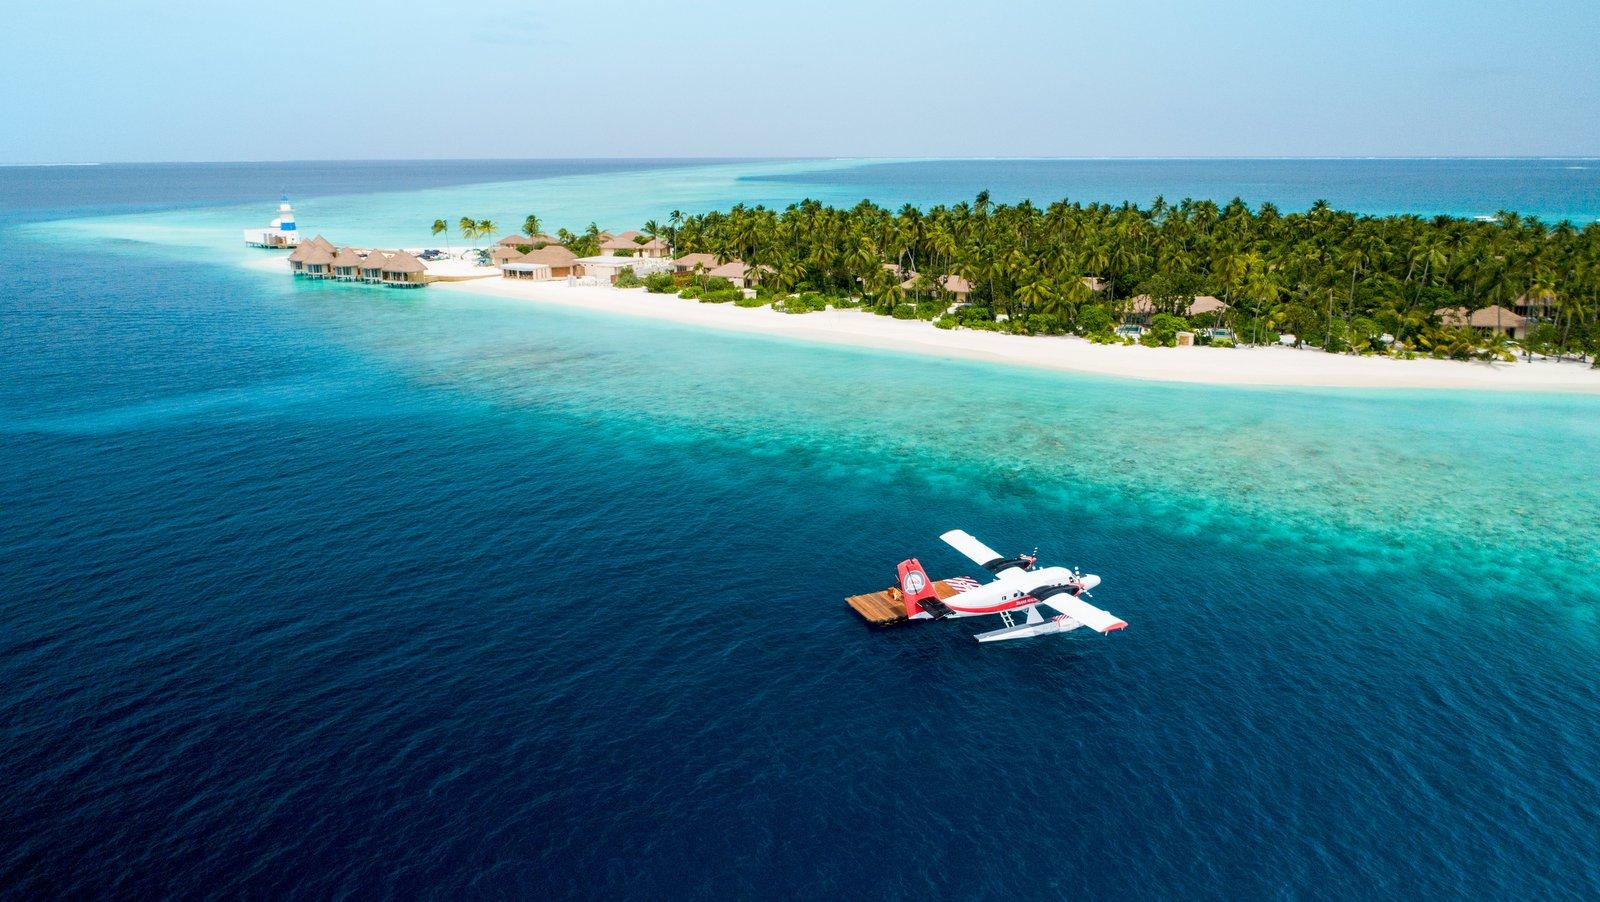 Мальдивы, отель Intercontinental Maldives Maamunagau, гидросамолет